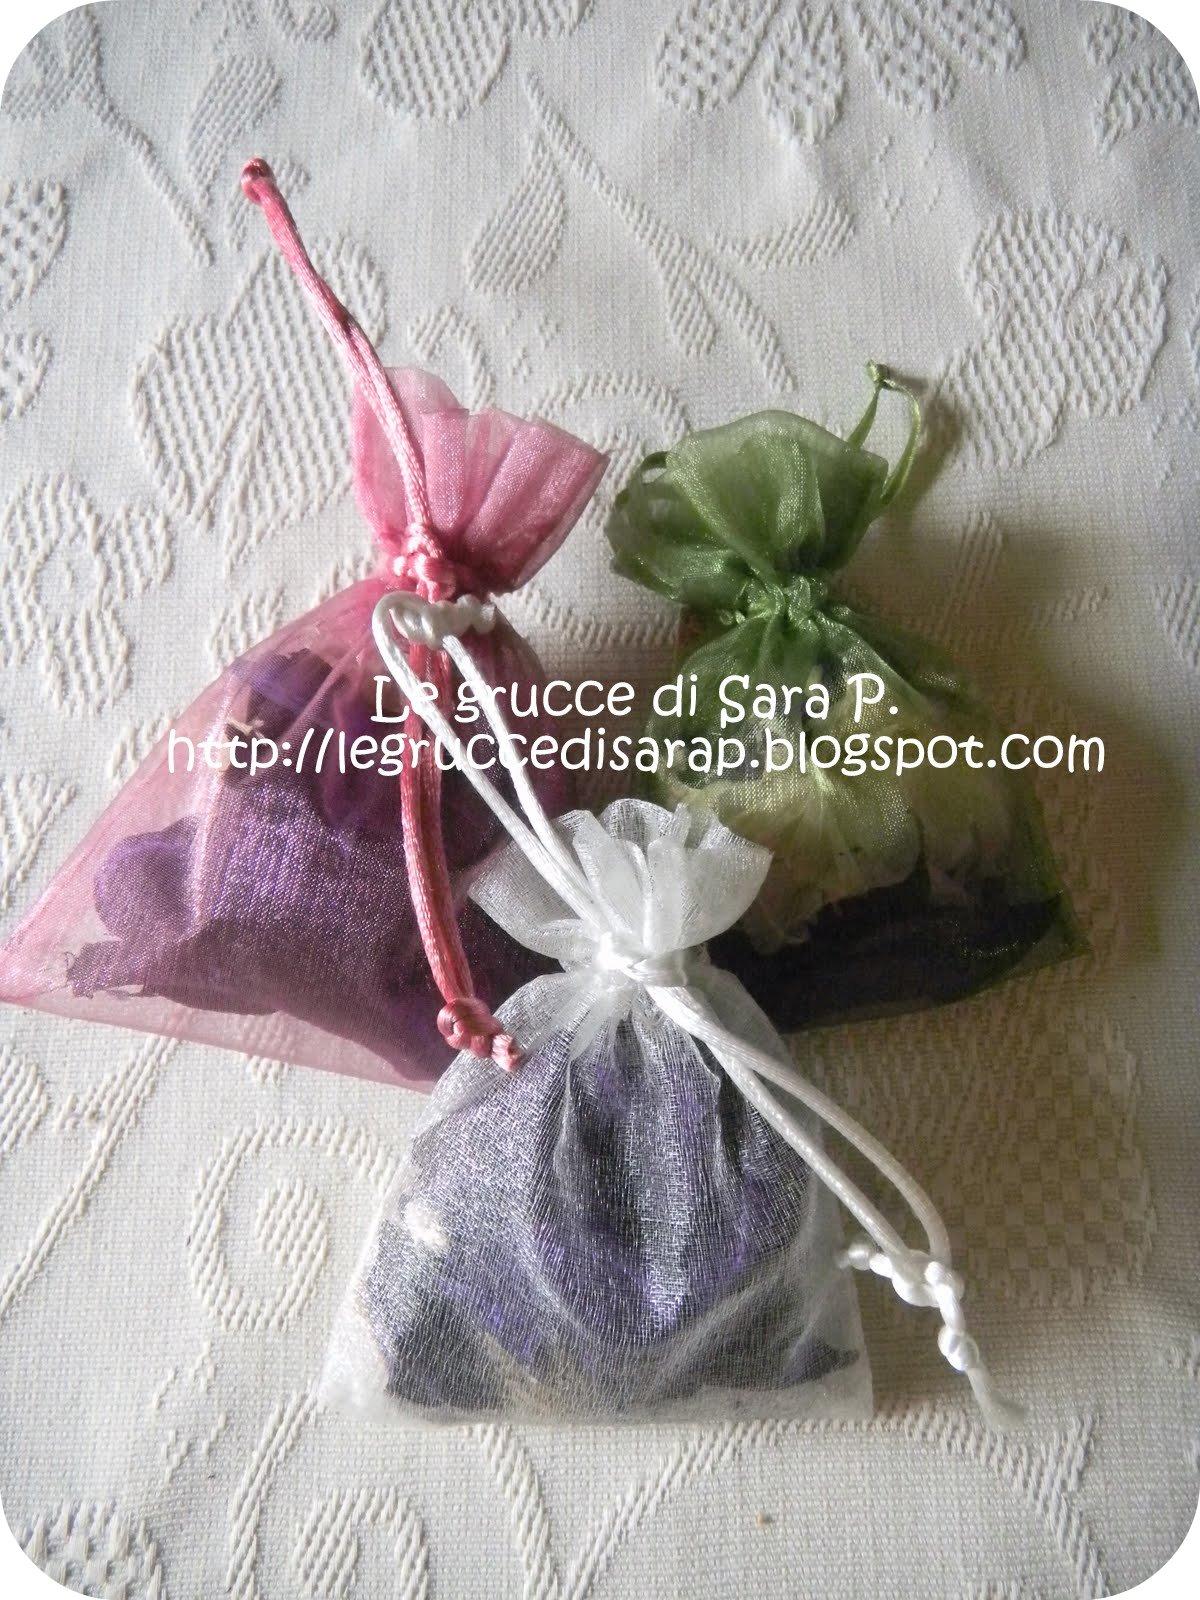 Le grucce di sara p profumatori per la casa - Grucce per costumi da bagno ...